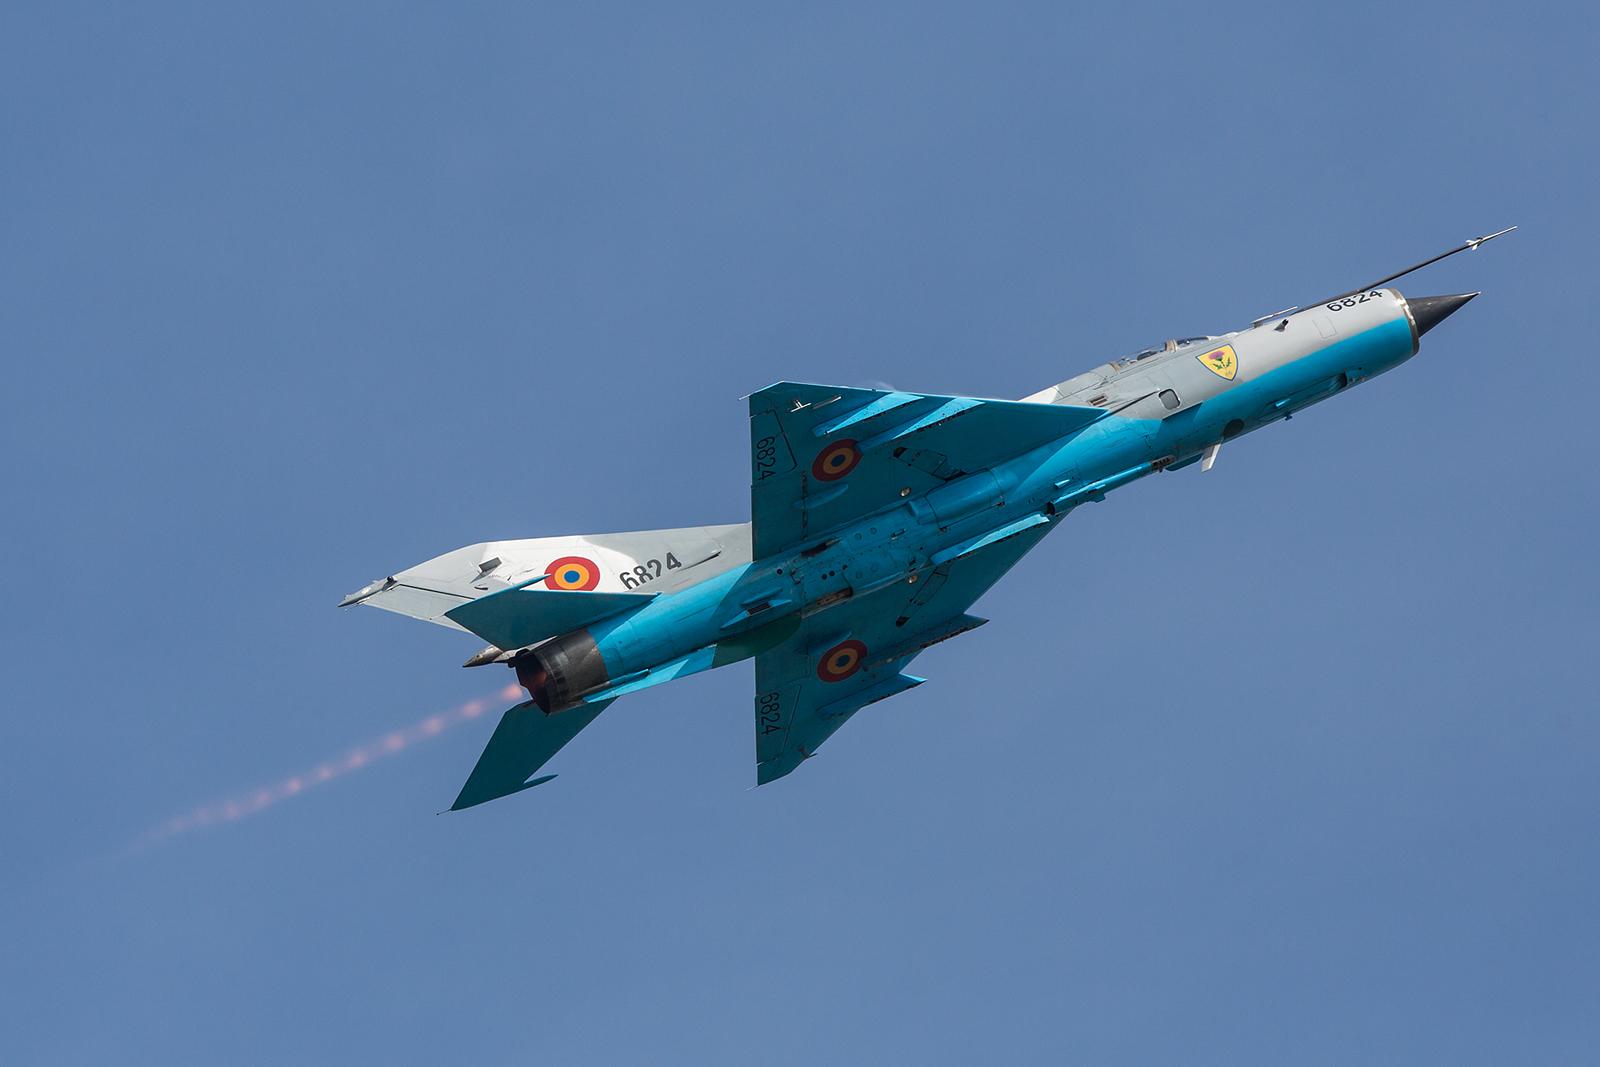 Sehr elegant und wohl bald Geschichte die MiG-21 aus Rumänien